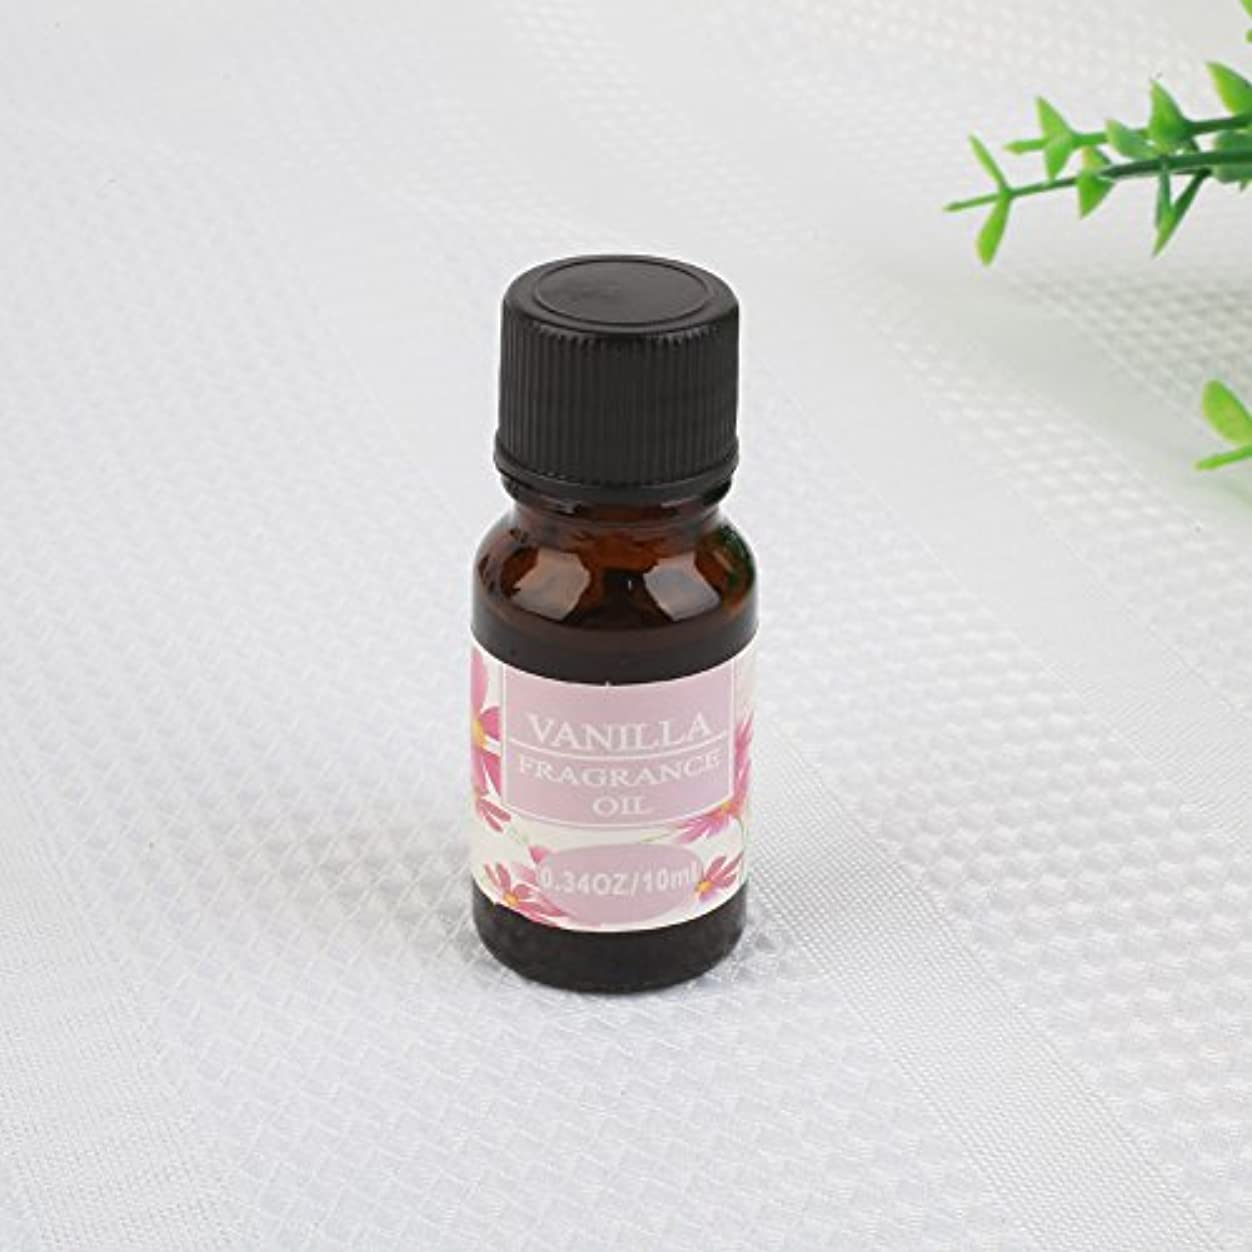 新しさ優勢コテージwlgreatsp 100%純粋なアロマアロマオイルピュアミストは、トップNakedpress植物の香りを設定します